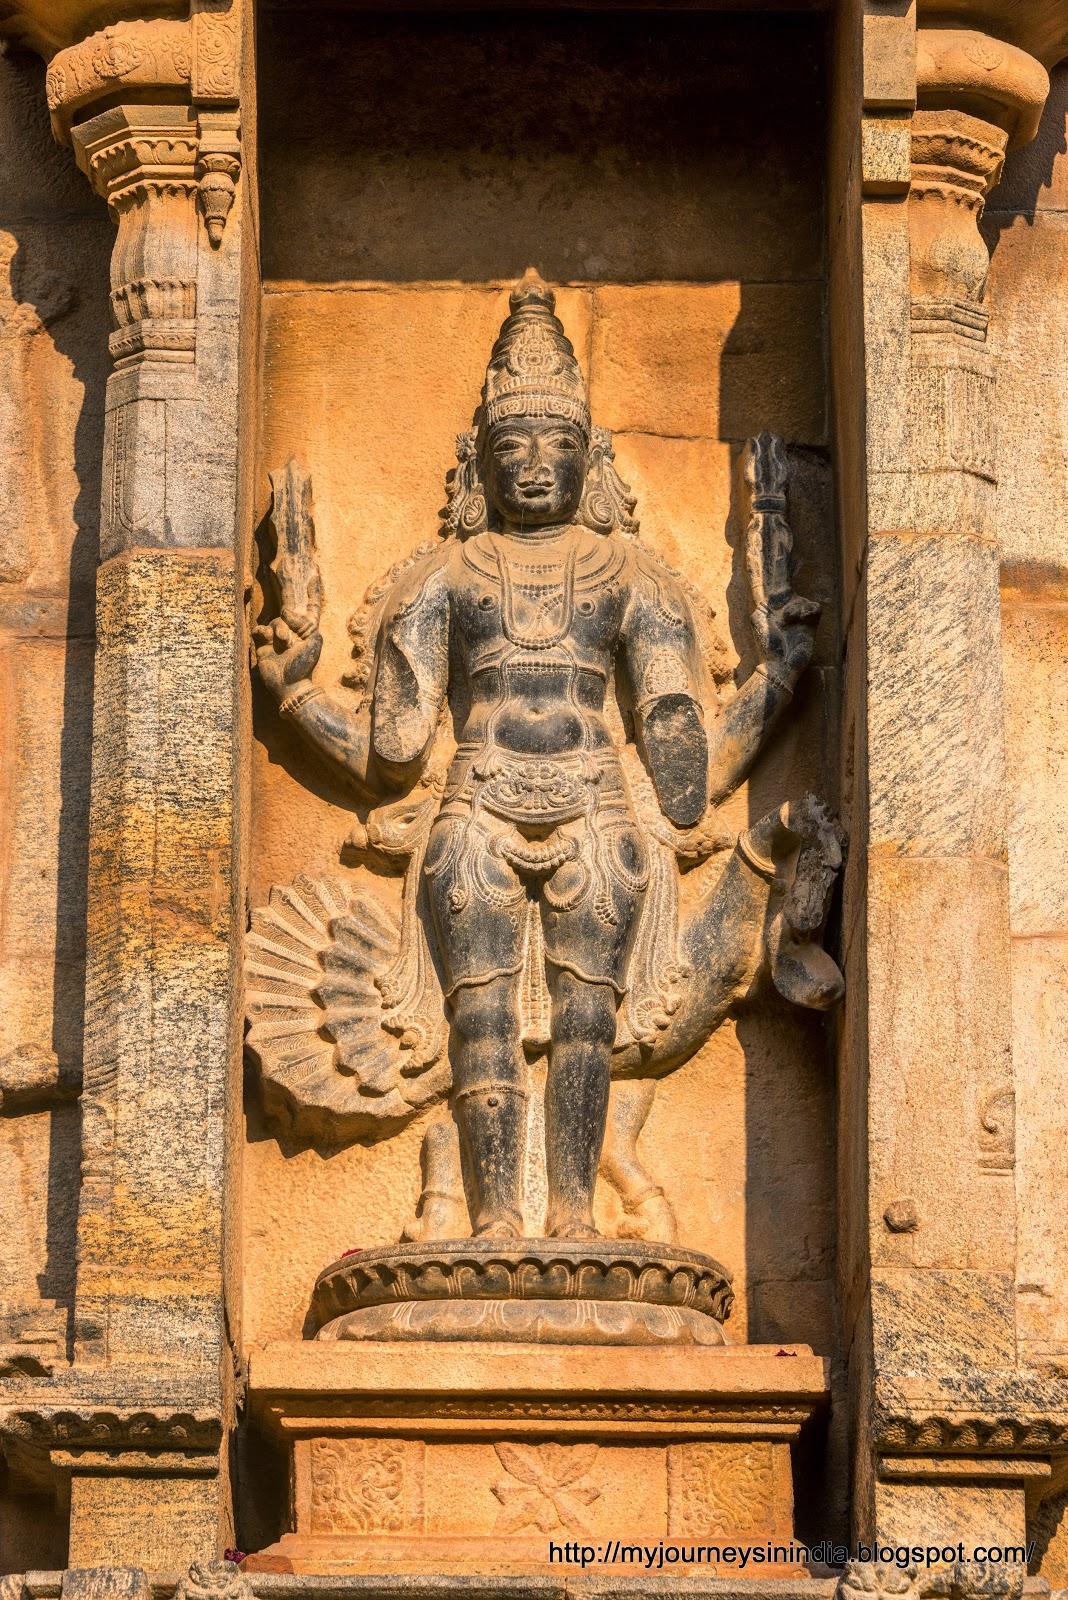 Thanjavur Brihadeeswarar Temple Murugan or Subramanya